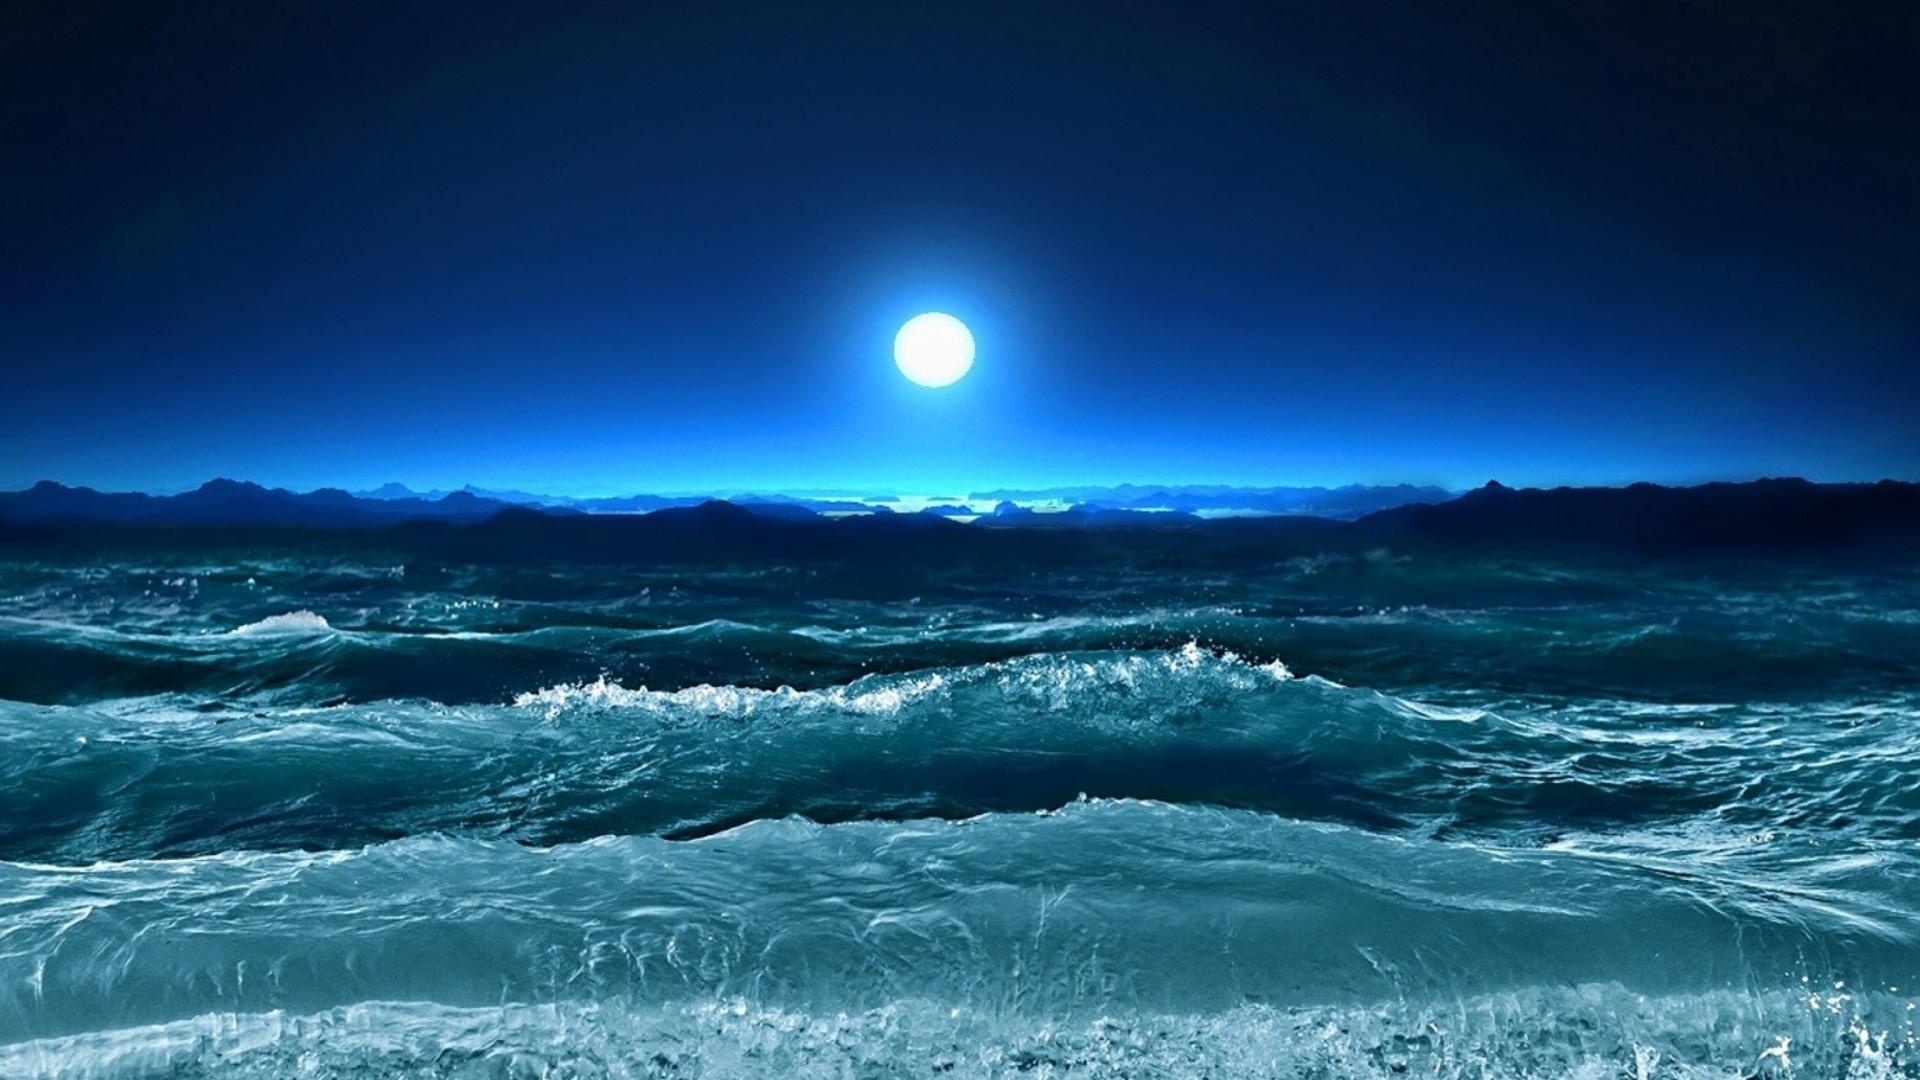 Ocean Waves Under Moon Light 1920x1080 wallpaper1920X1080 wallpaper 1920x1080